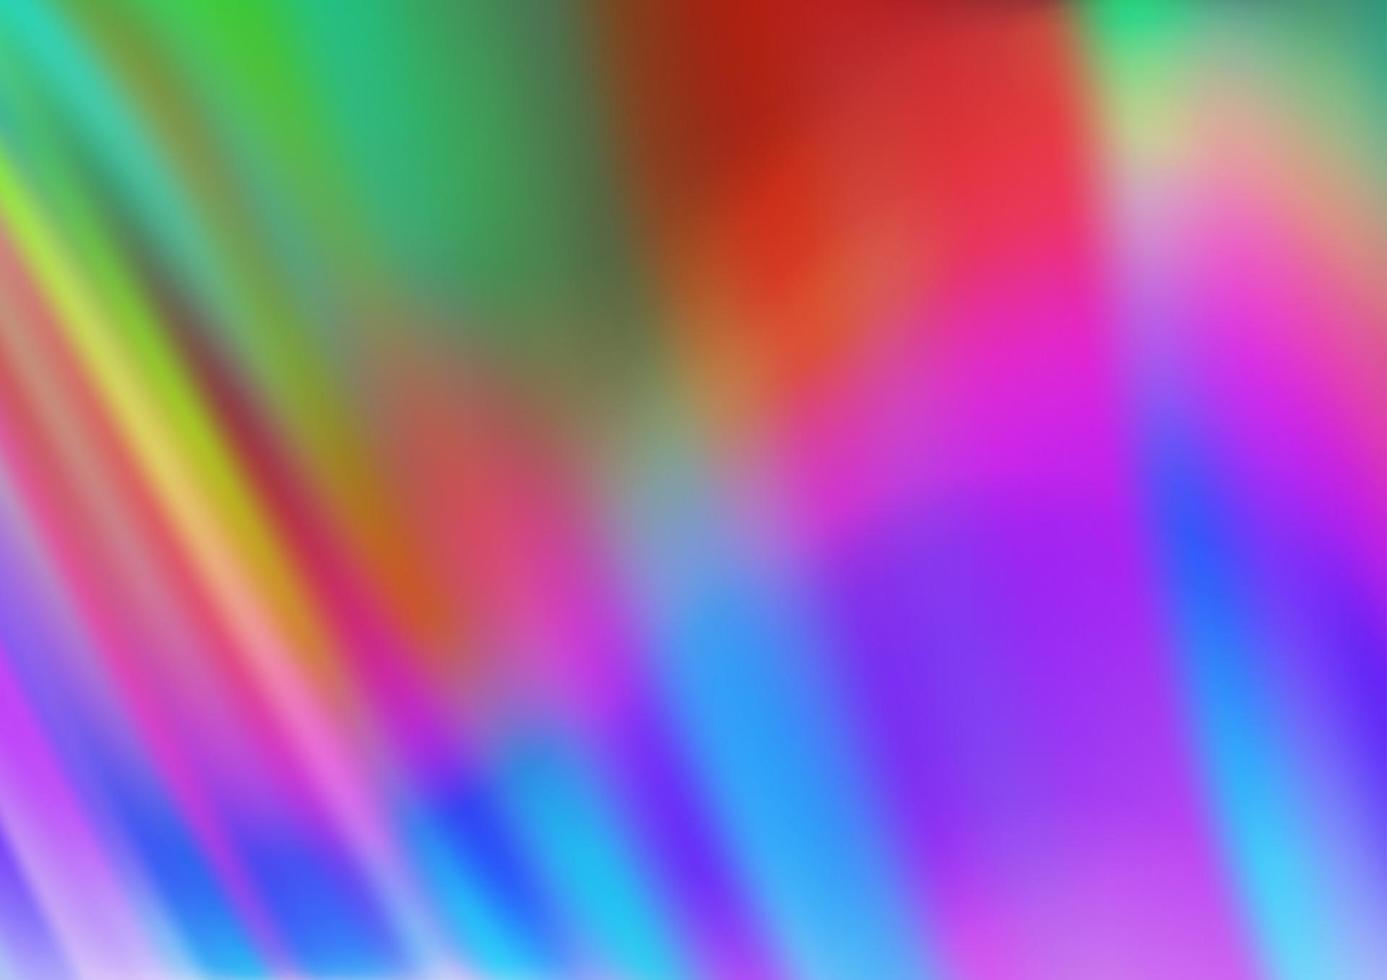 luz multicolorida, modelo de vetor de arco-íris com linhas dobradas.